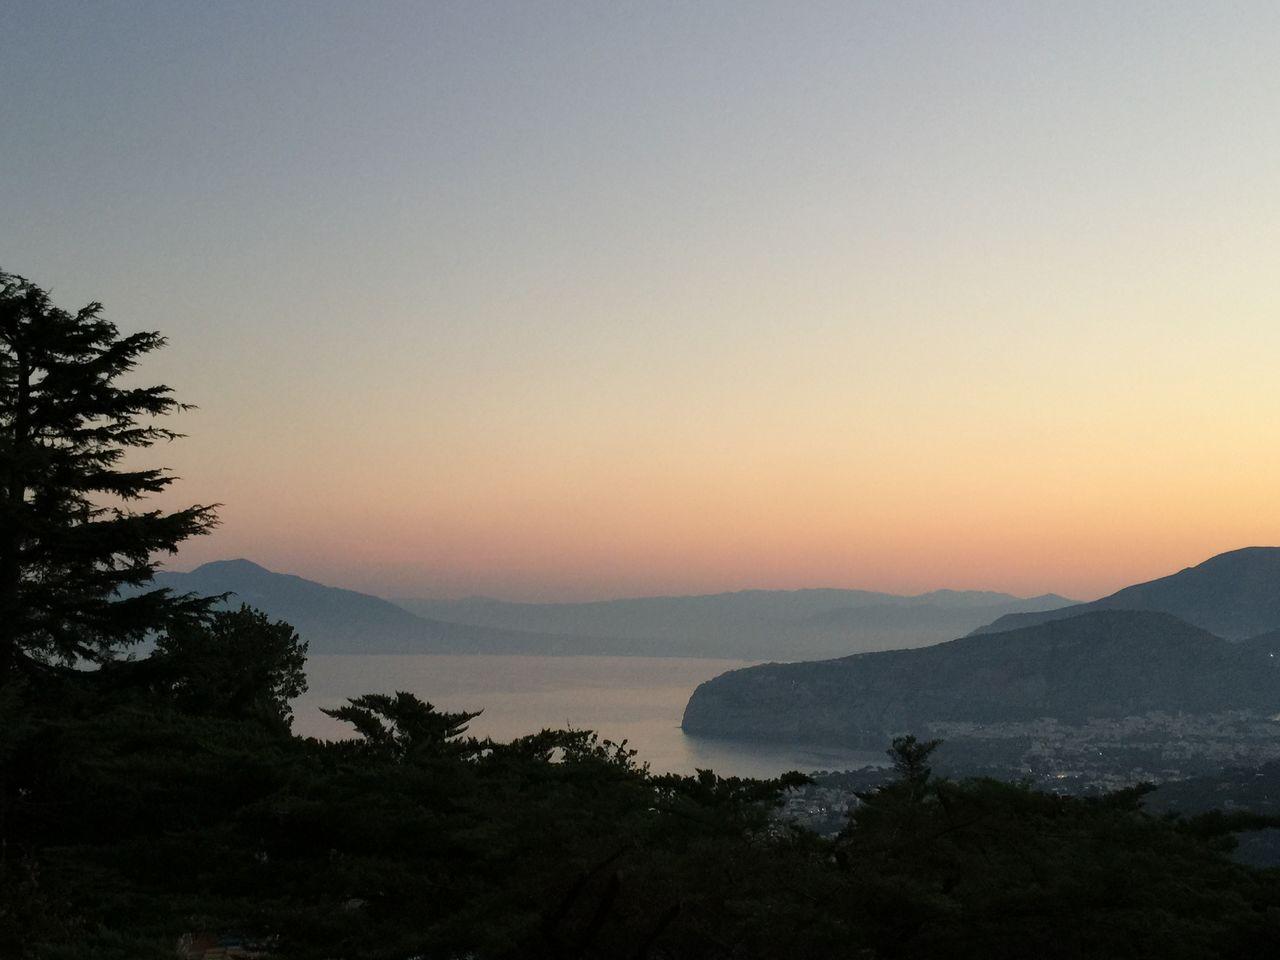 Sorrento sunrise Sunrise IPhoneography Italy Summertime Holidays